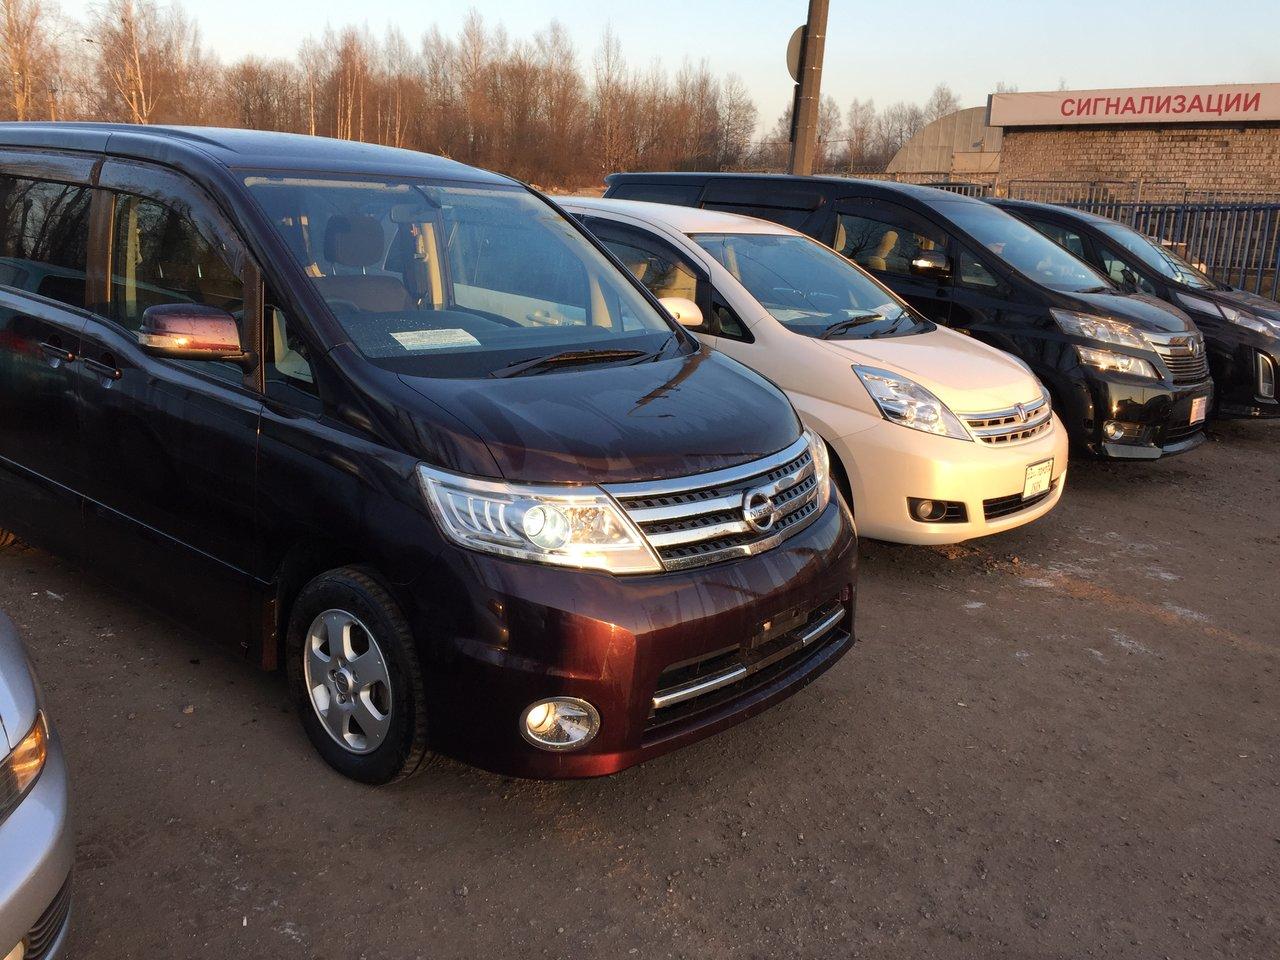 Частные объявления о продаже авто шин в санкт - петербурге подать бесплатное объявление в кыштымскую барахолку